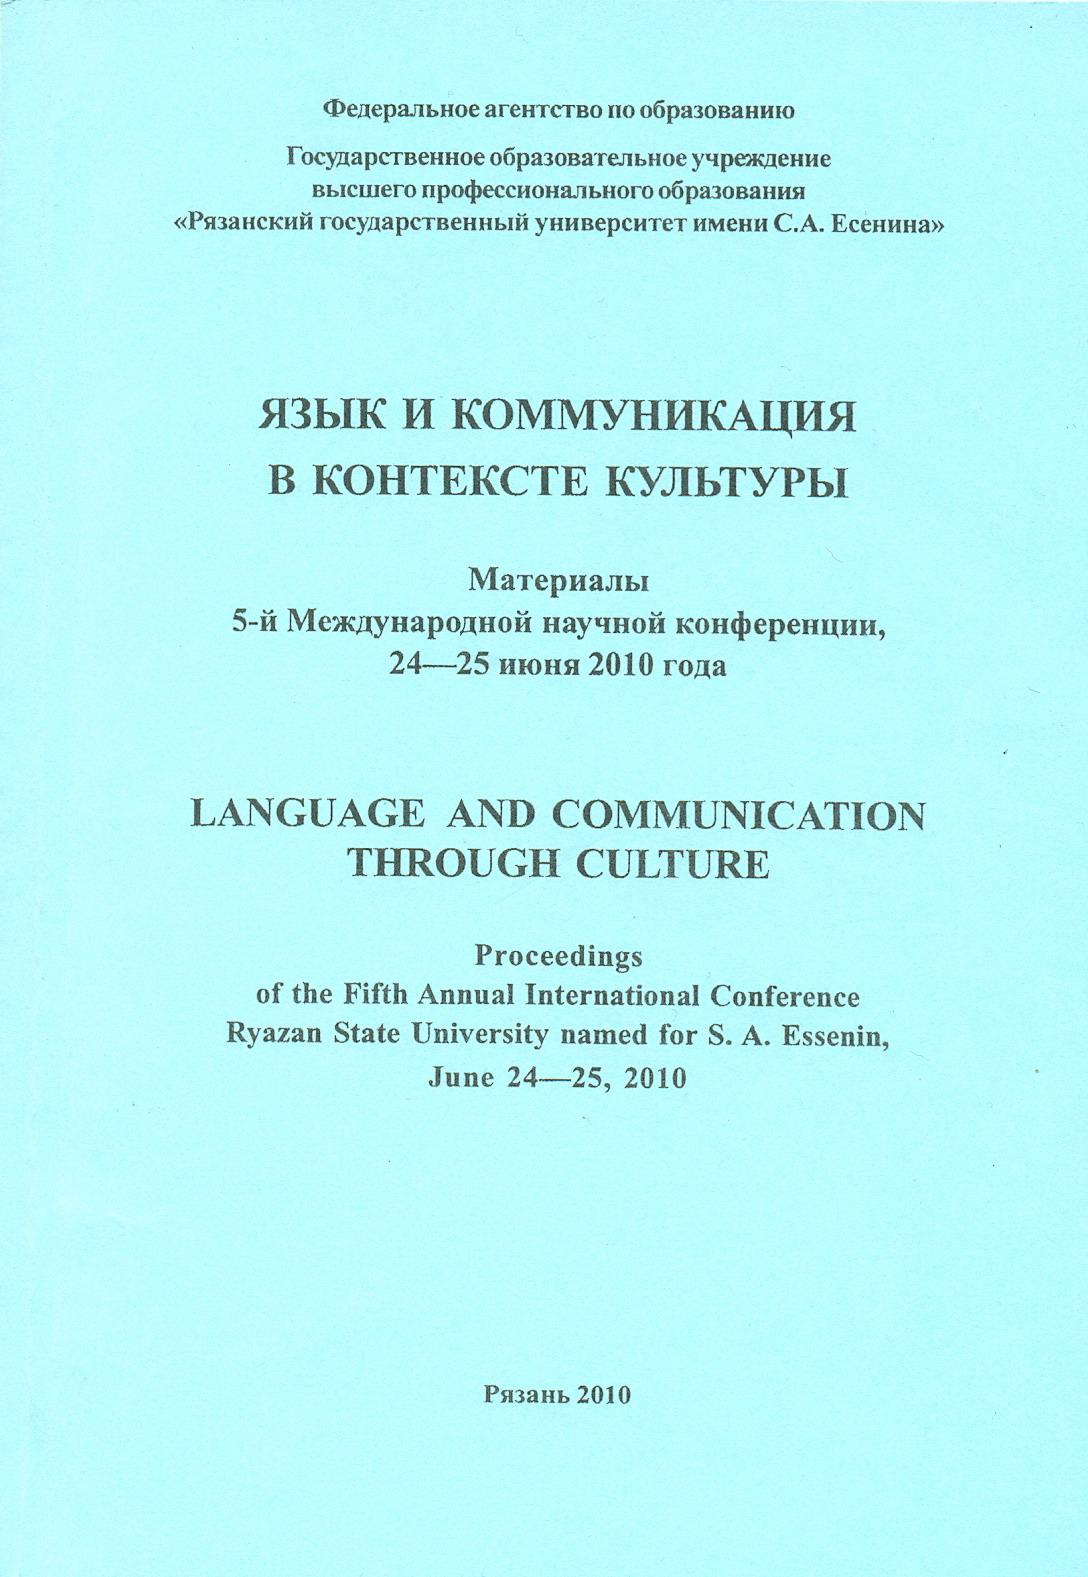 Язык и коммуникация в контексте культуры: материалы 5-й межд. научной конференции, 24-25 июня 2010 г.